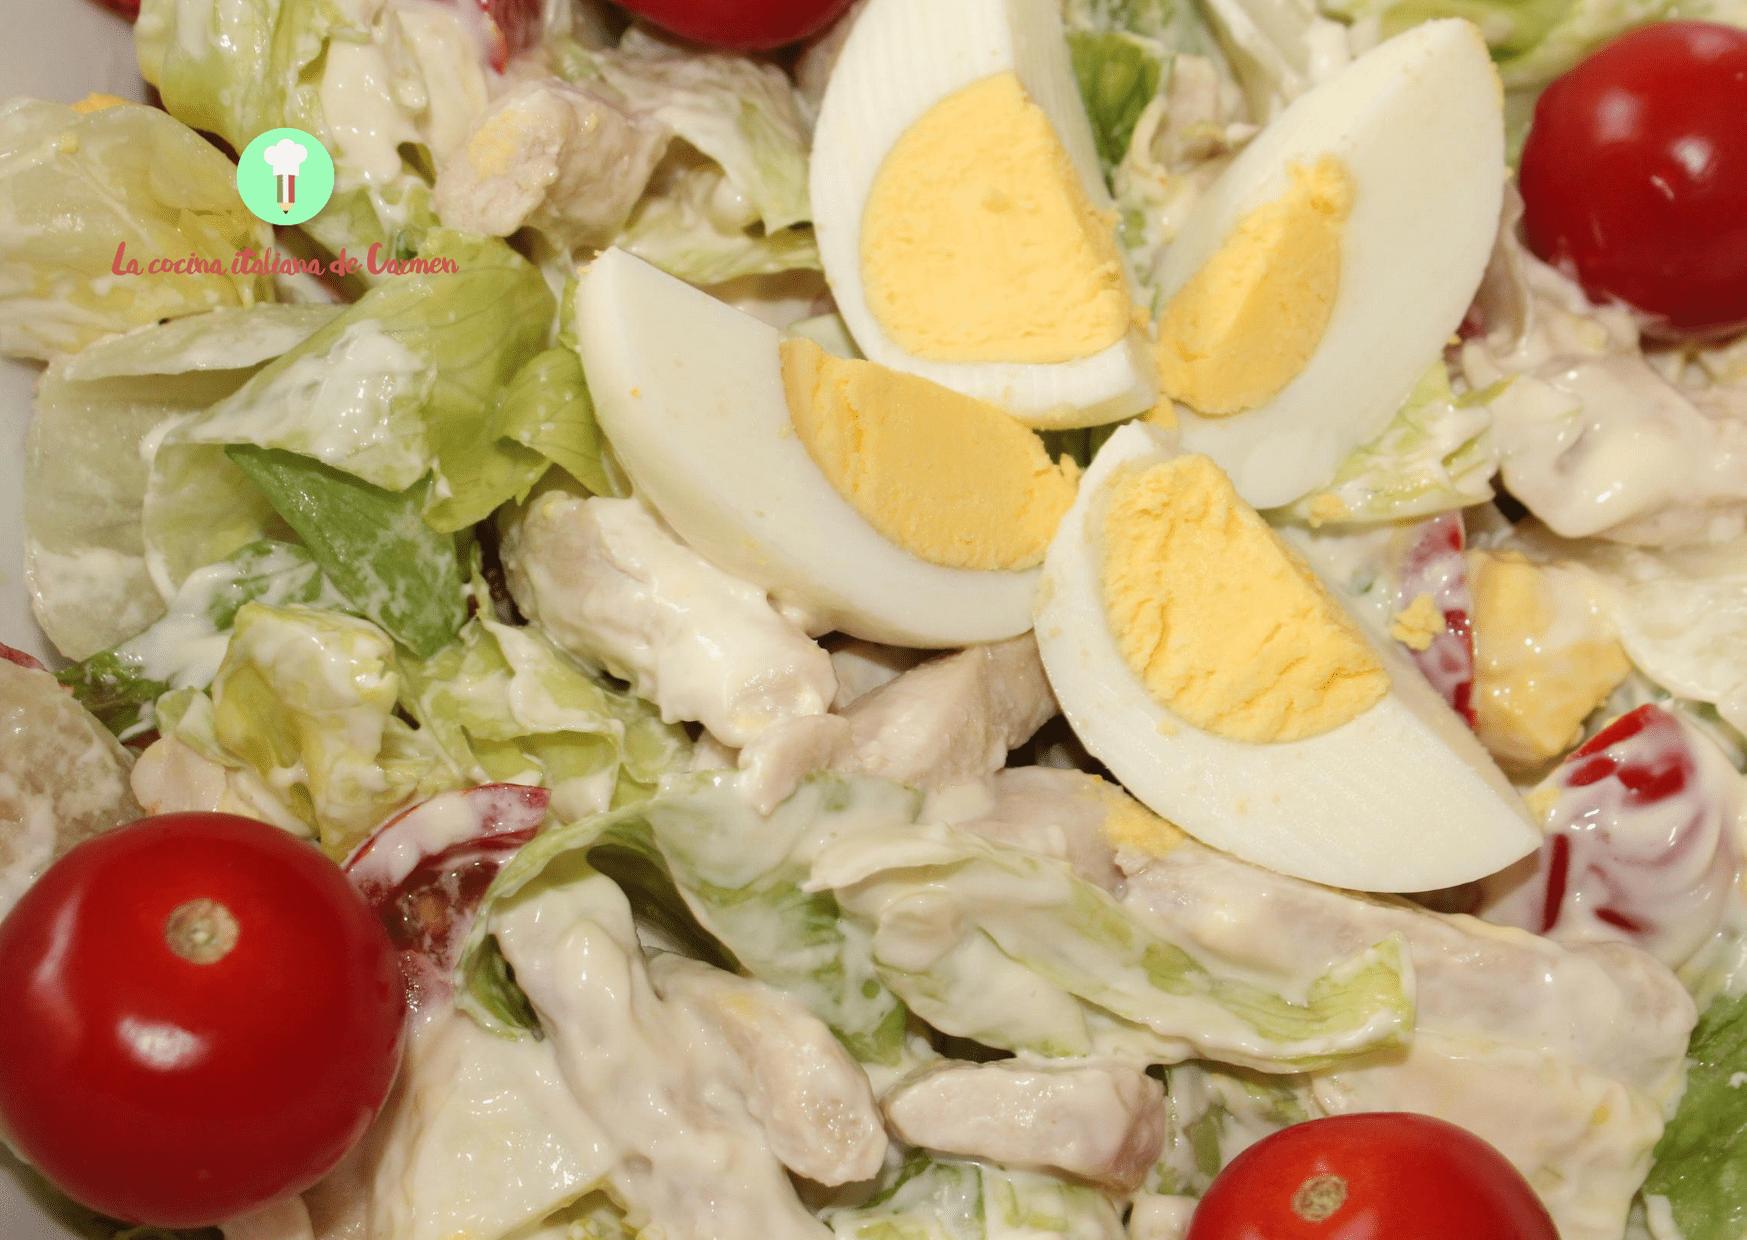 Ensalada con pollo y mayonesa